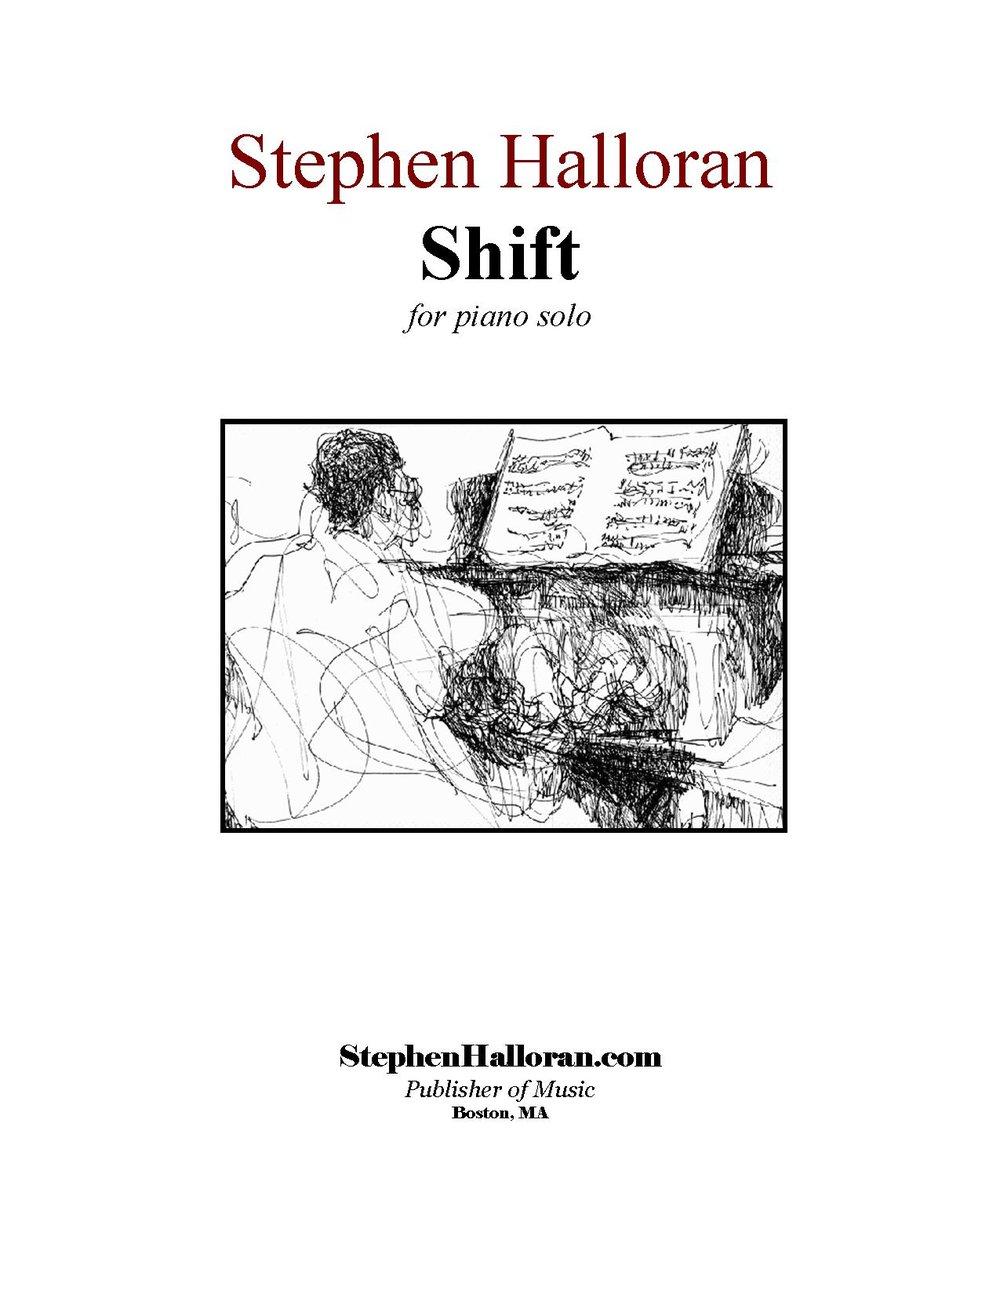 Halloran_Title_Page_op. 52.jpg